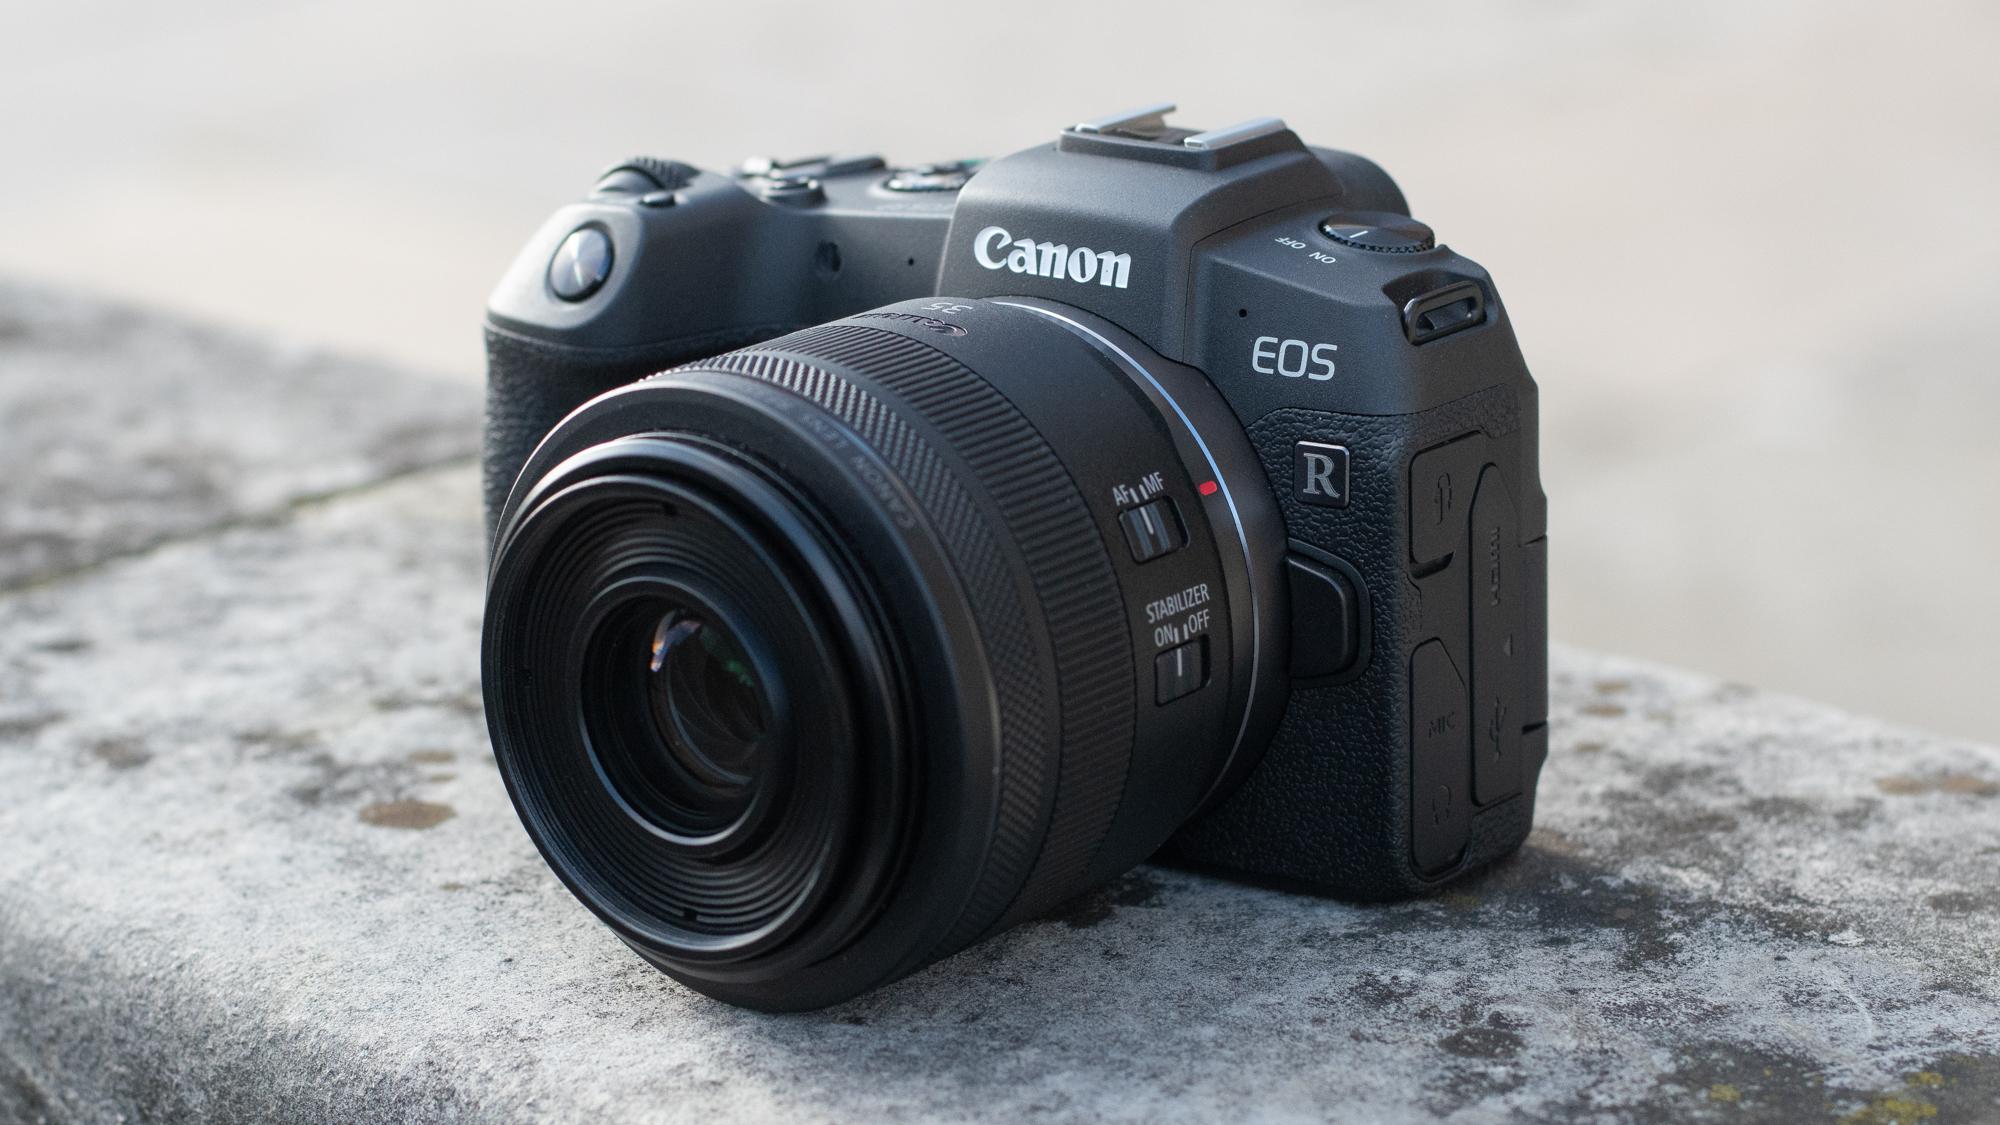 YVtyyXLGiK2BC3z9fETuAk - The 10 best full-frame mirrorless cameras in 2019